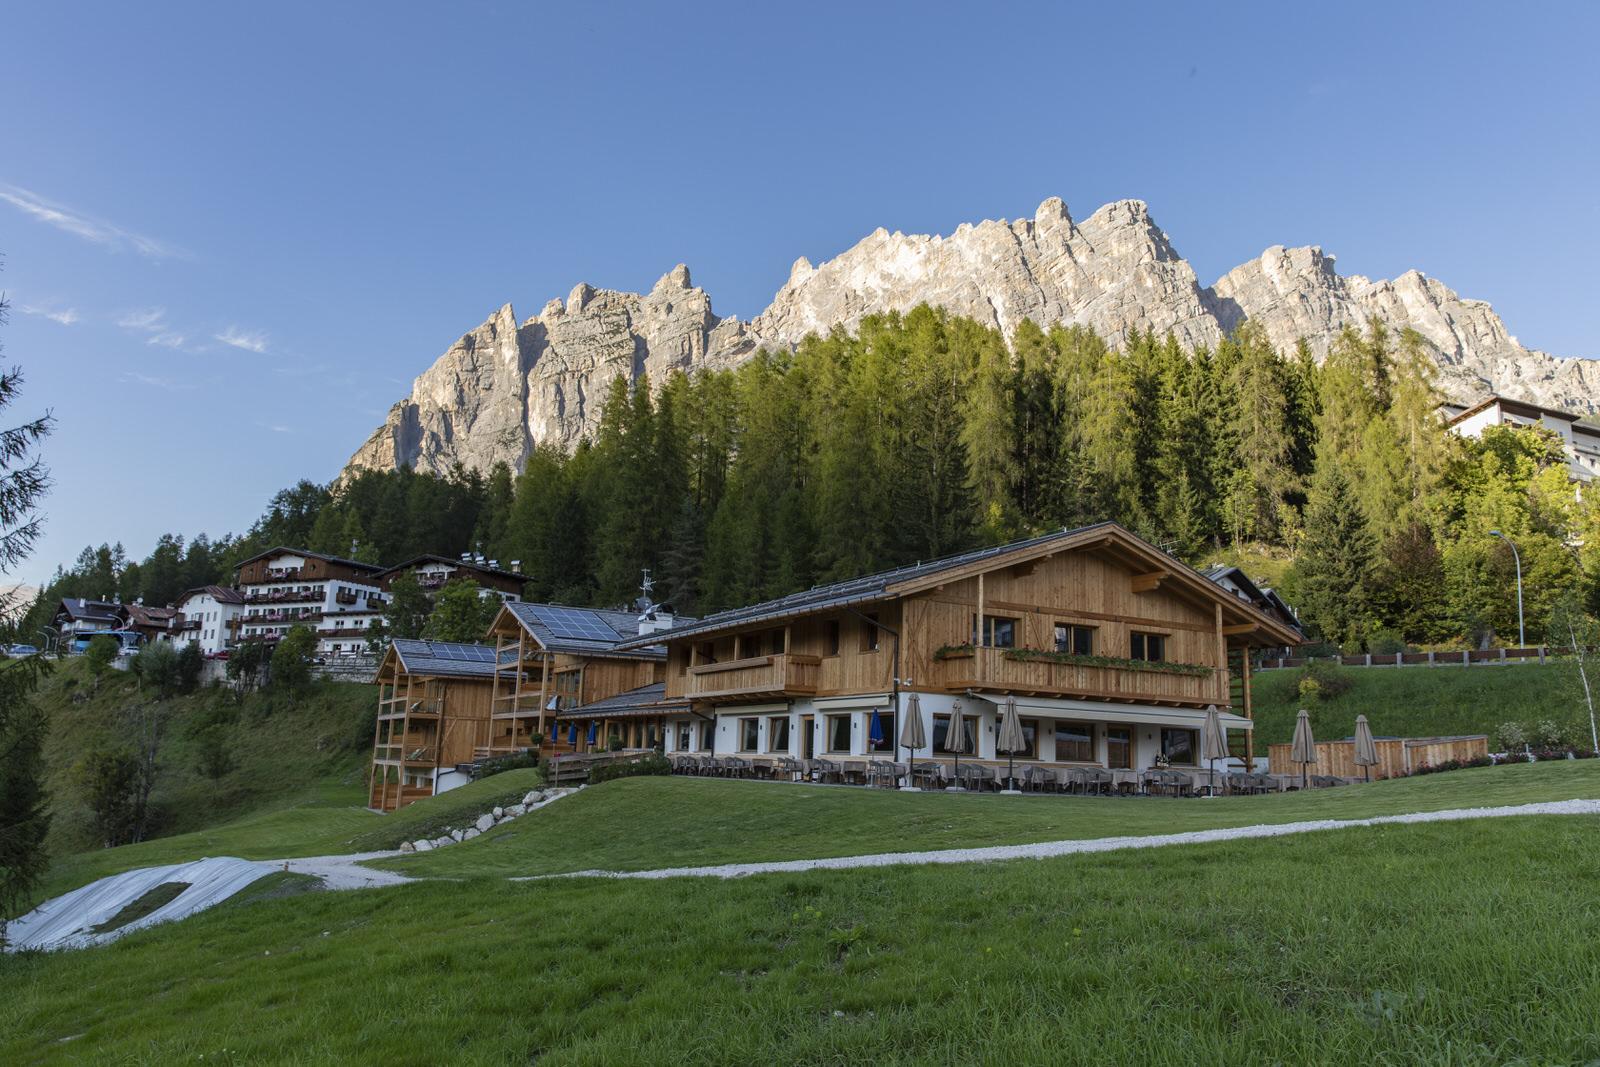 Dolomite Lodge mit atemberaubender Aussicht auf die eindrucksvollen Ampezzaner Dolomiten.